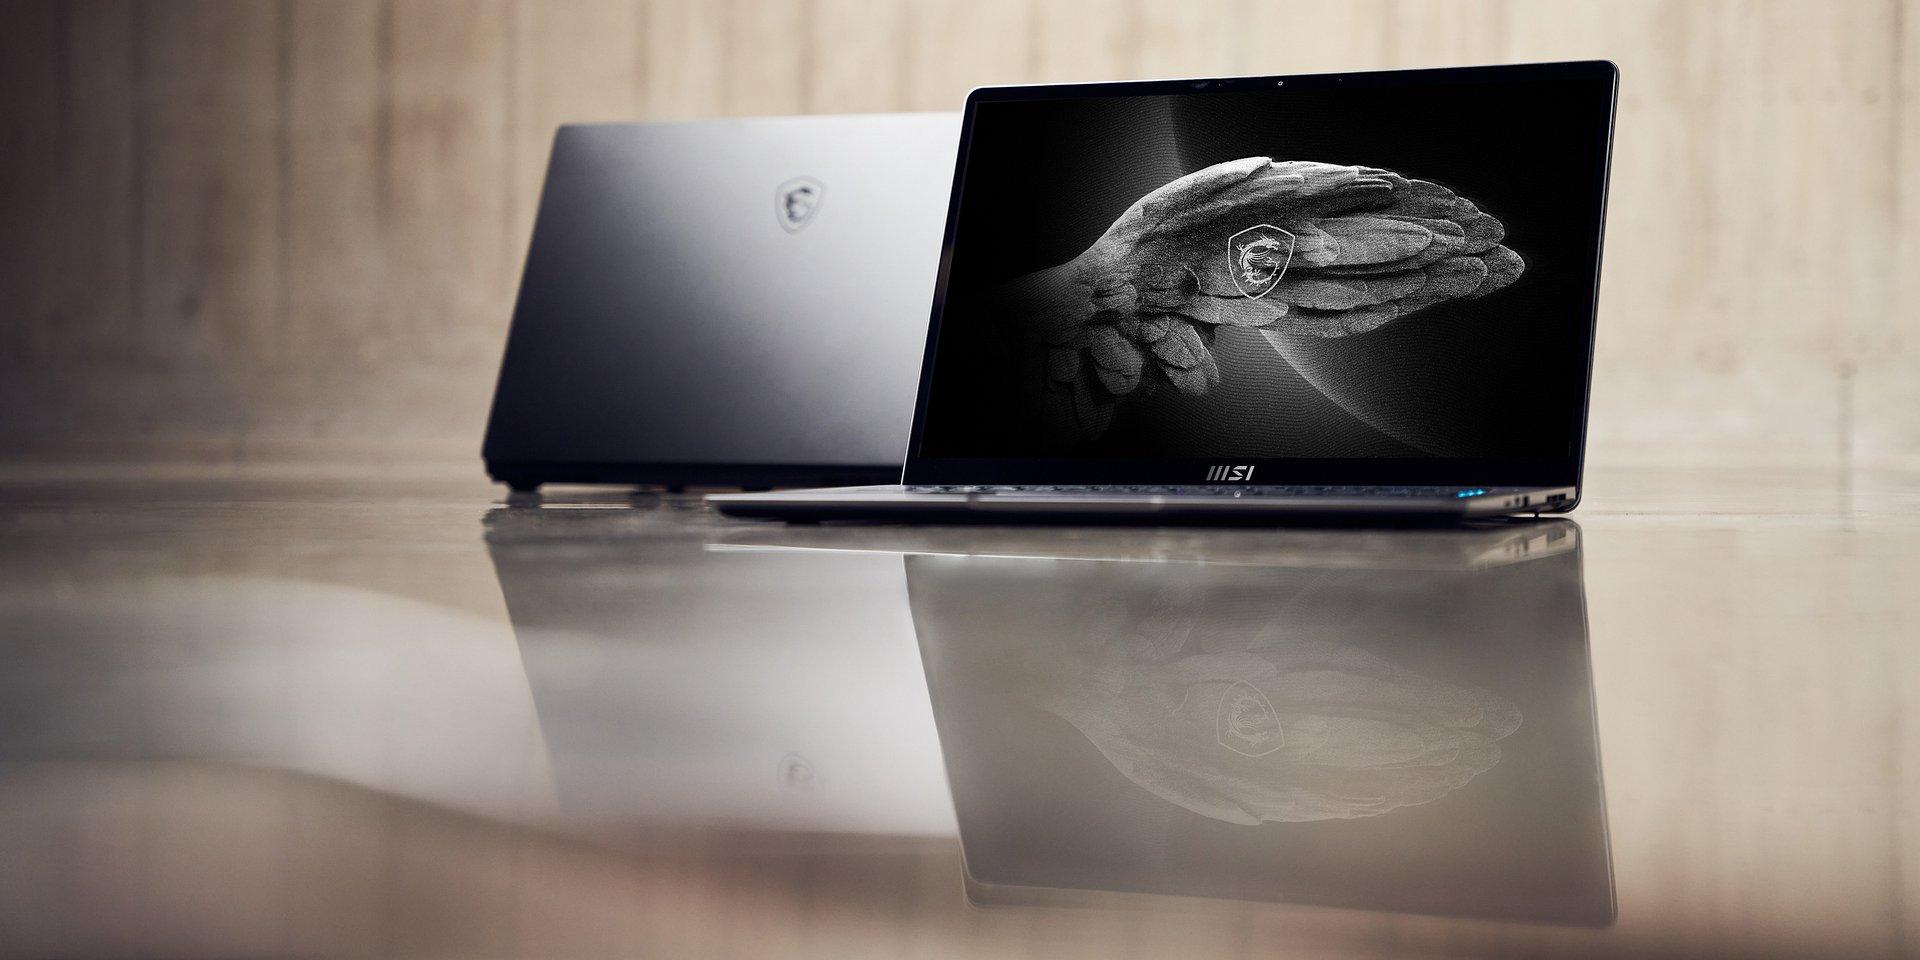 Idealne ujście dla kreatywności - MSI prezentuje linię laptopów zaprojektowanych z myślą o twórcach